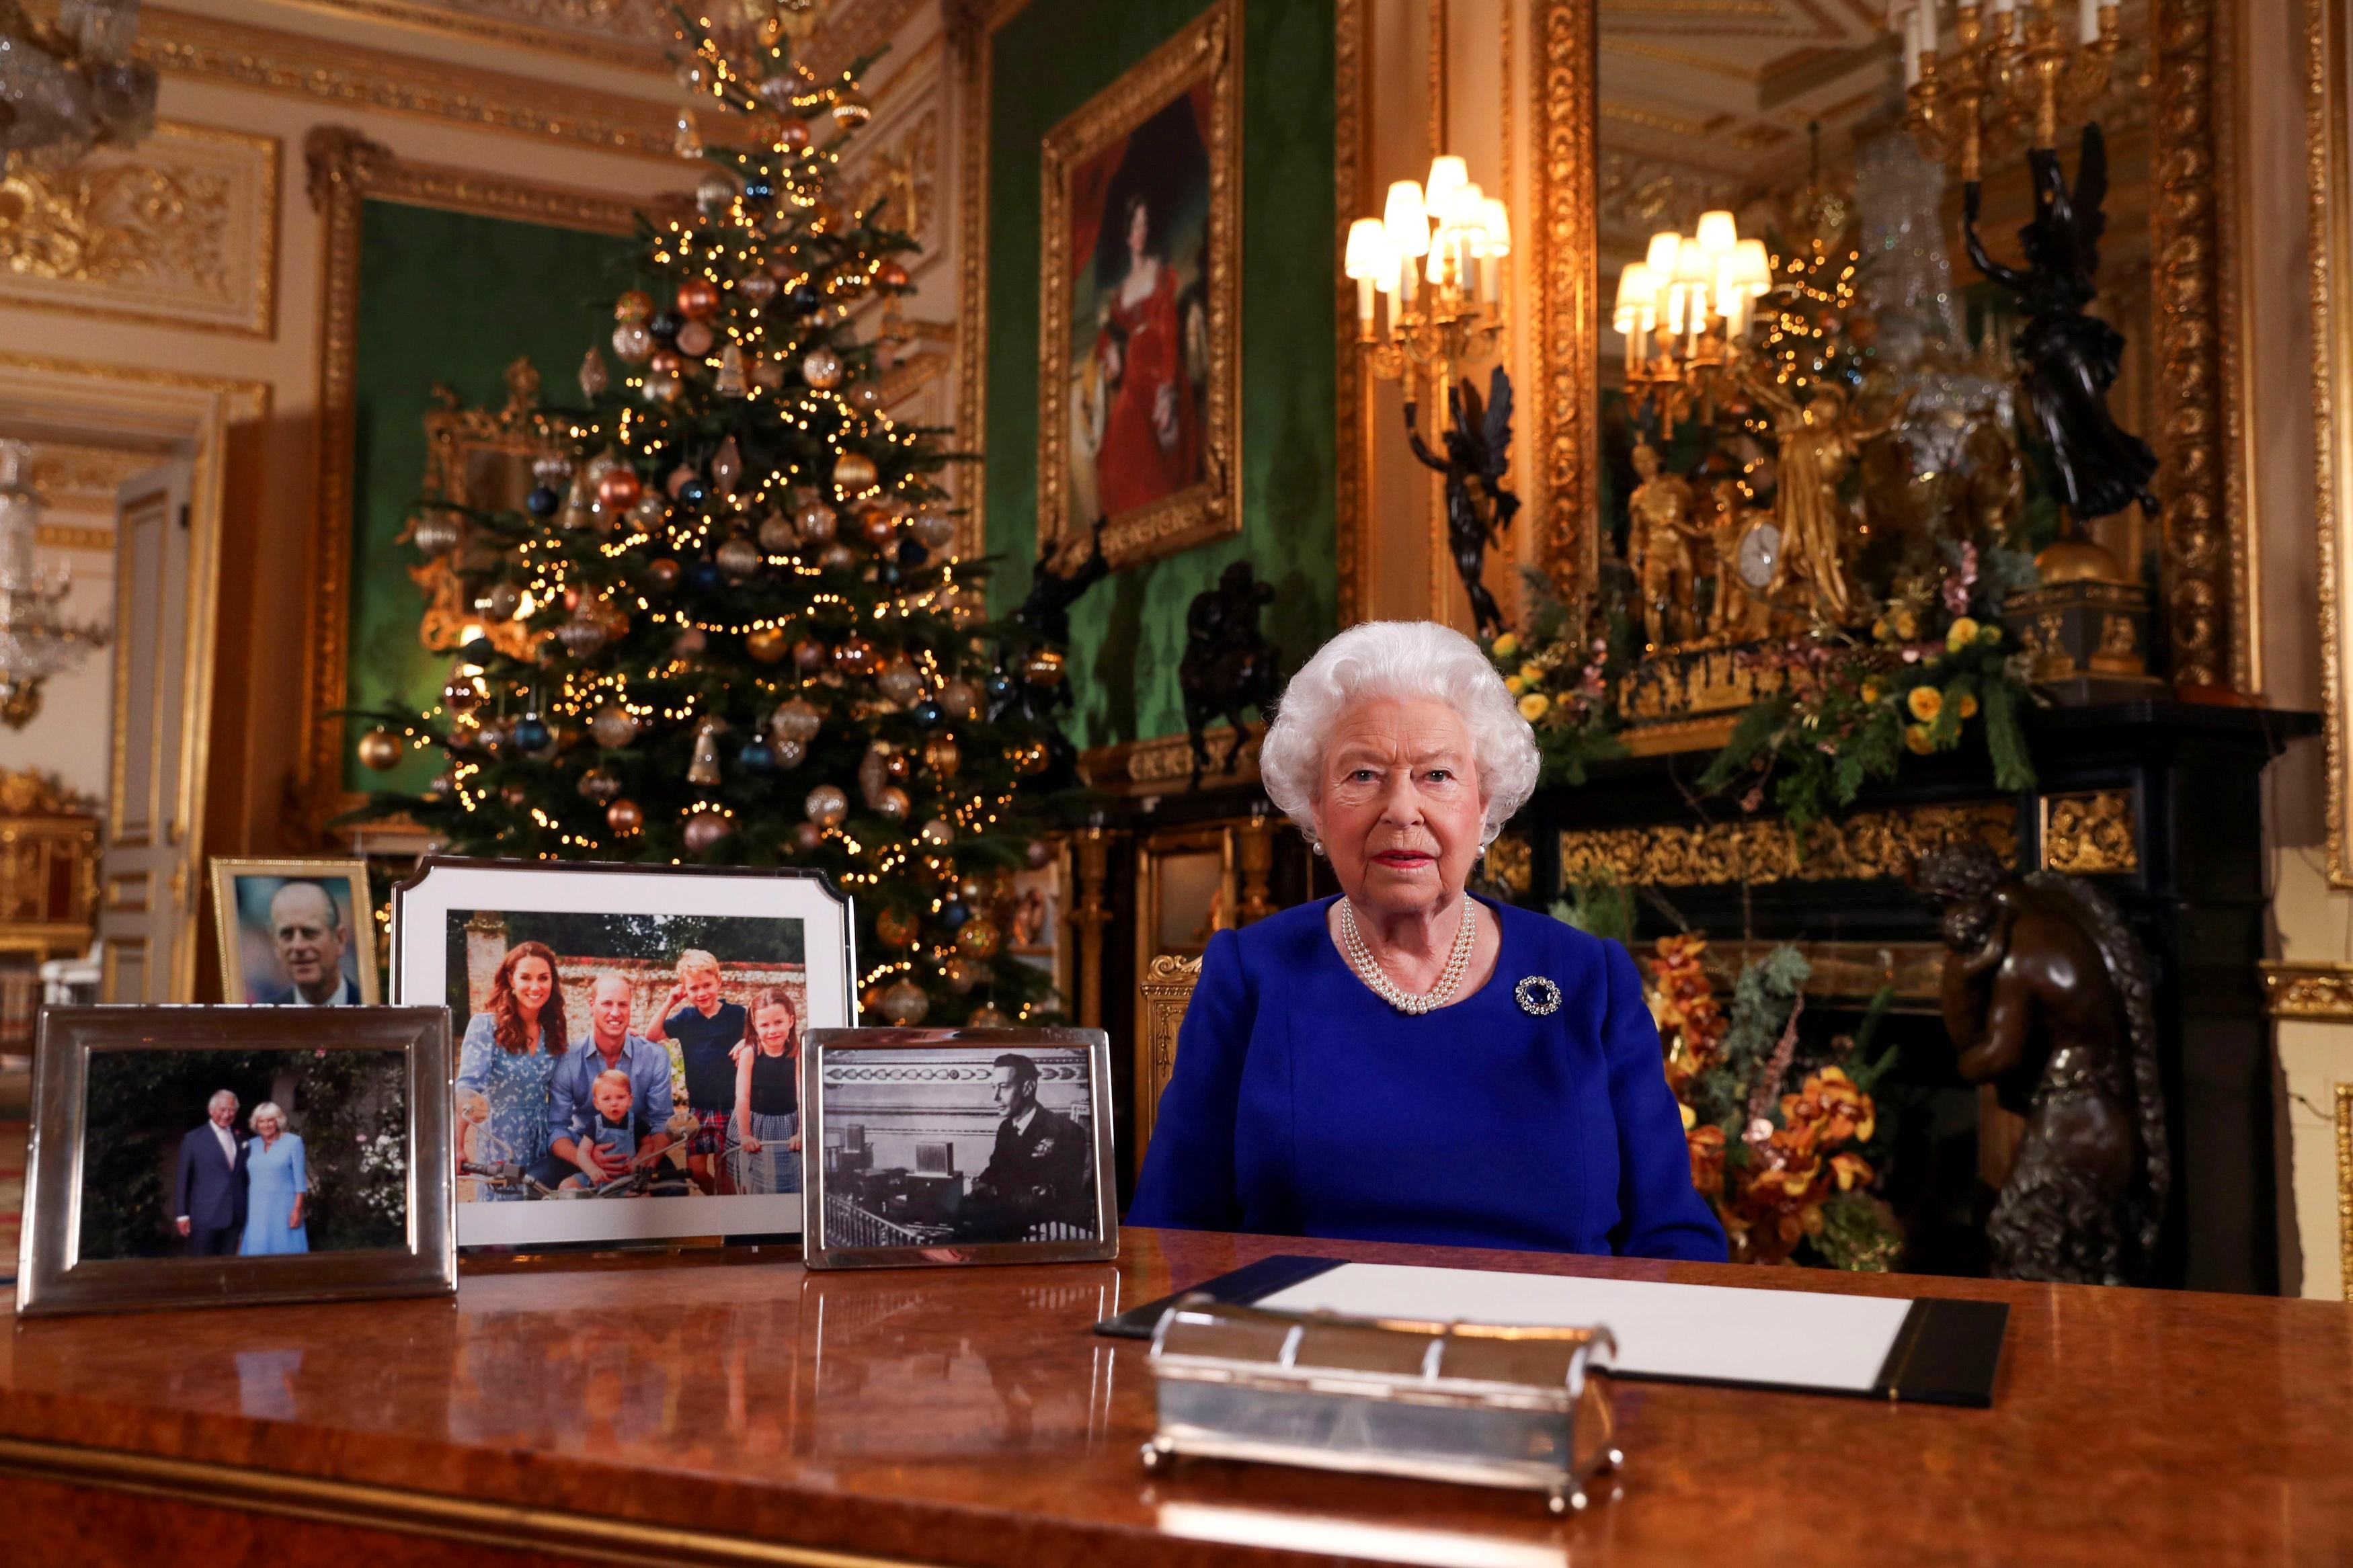 """Ελισάβετ: """"Έδειξε"""" Μέγκαν και Τούνμπεργκ στο χριστουγεννιάτικο μήνυμά της"""